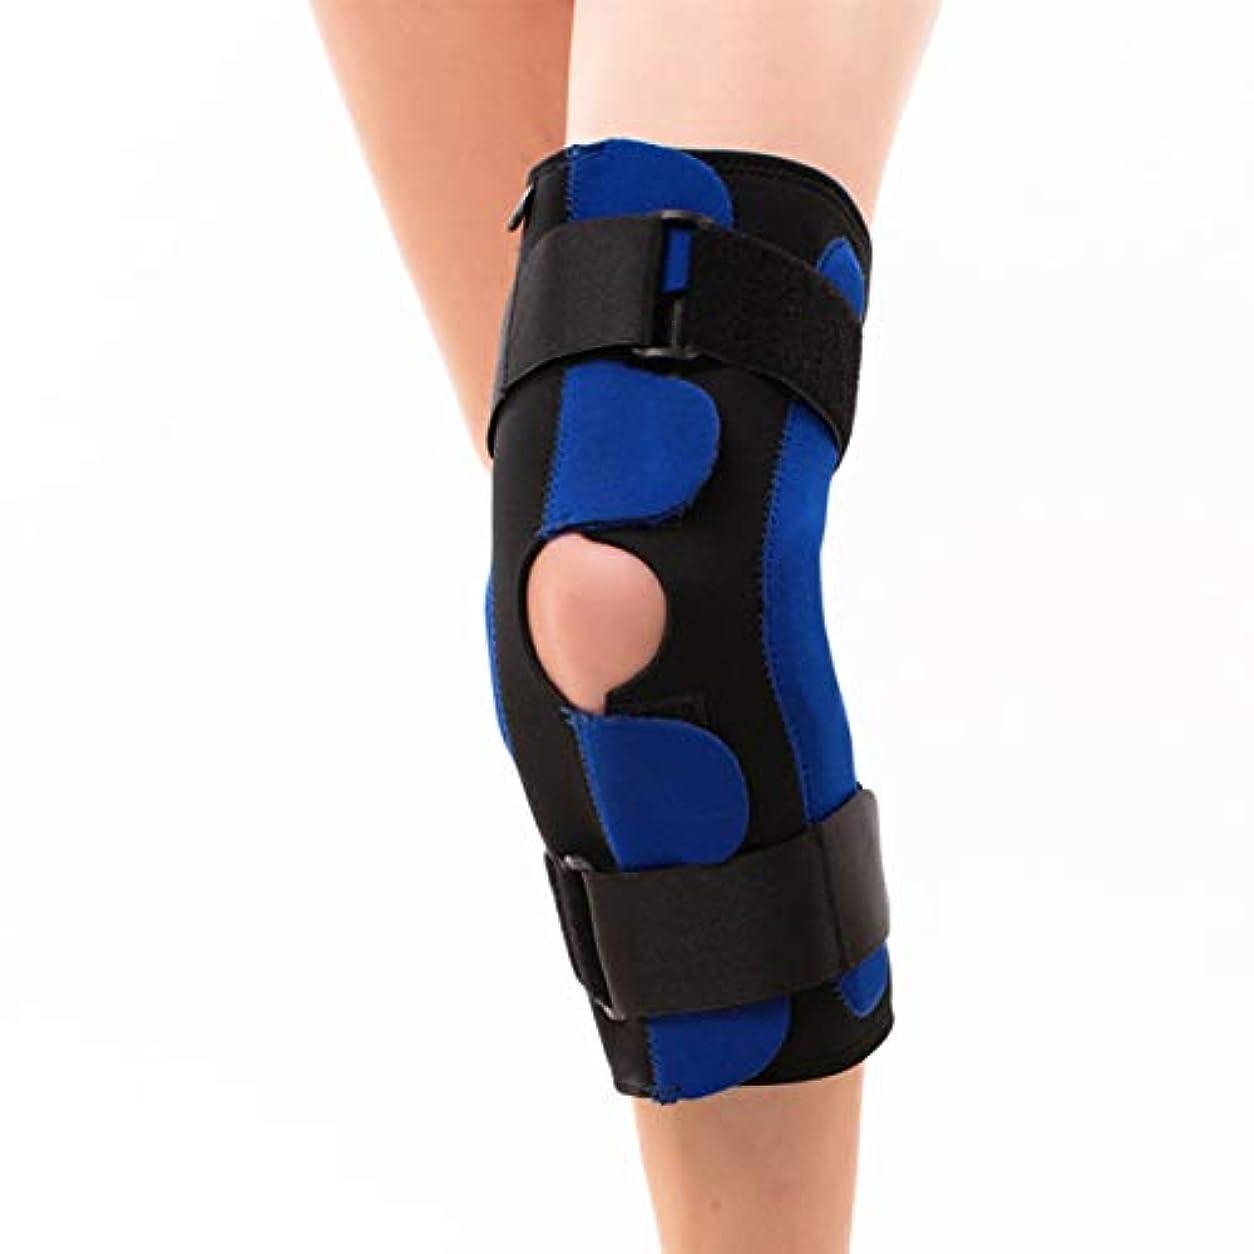 大きさ管理するとんでもない屋外スポーツ膝パッド膝鋼サポートバークライミングスポーツ安全膝ブレースフィットネス保護パーツ-ブラックL